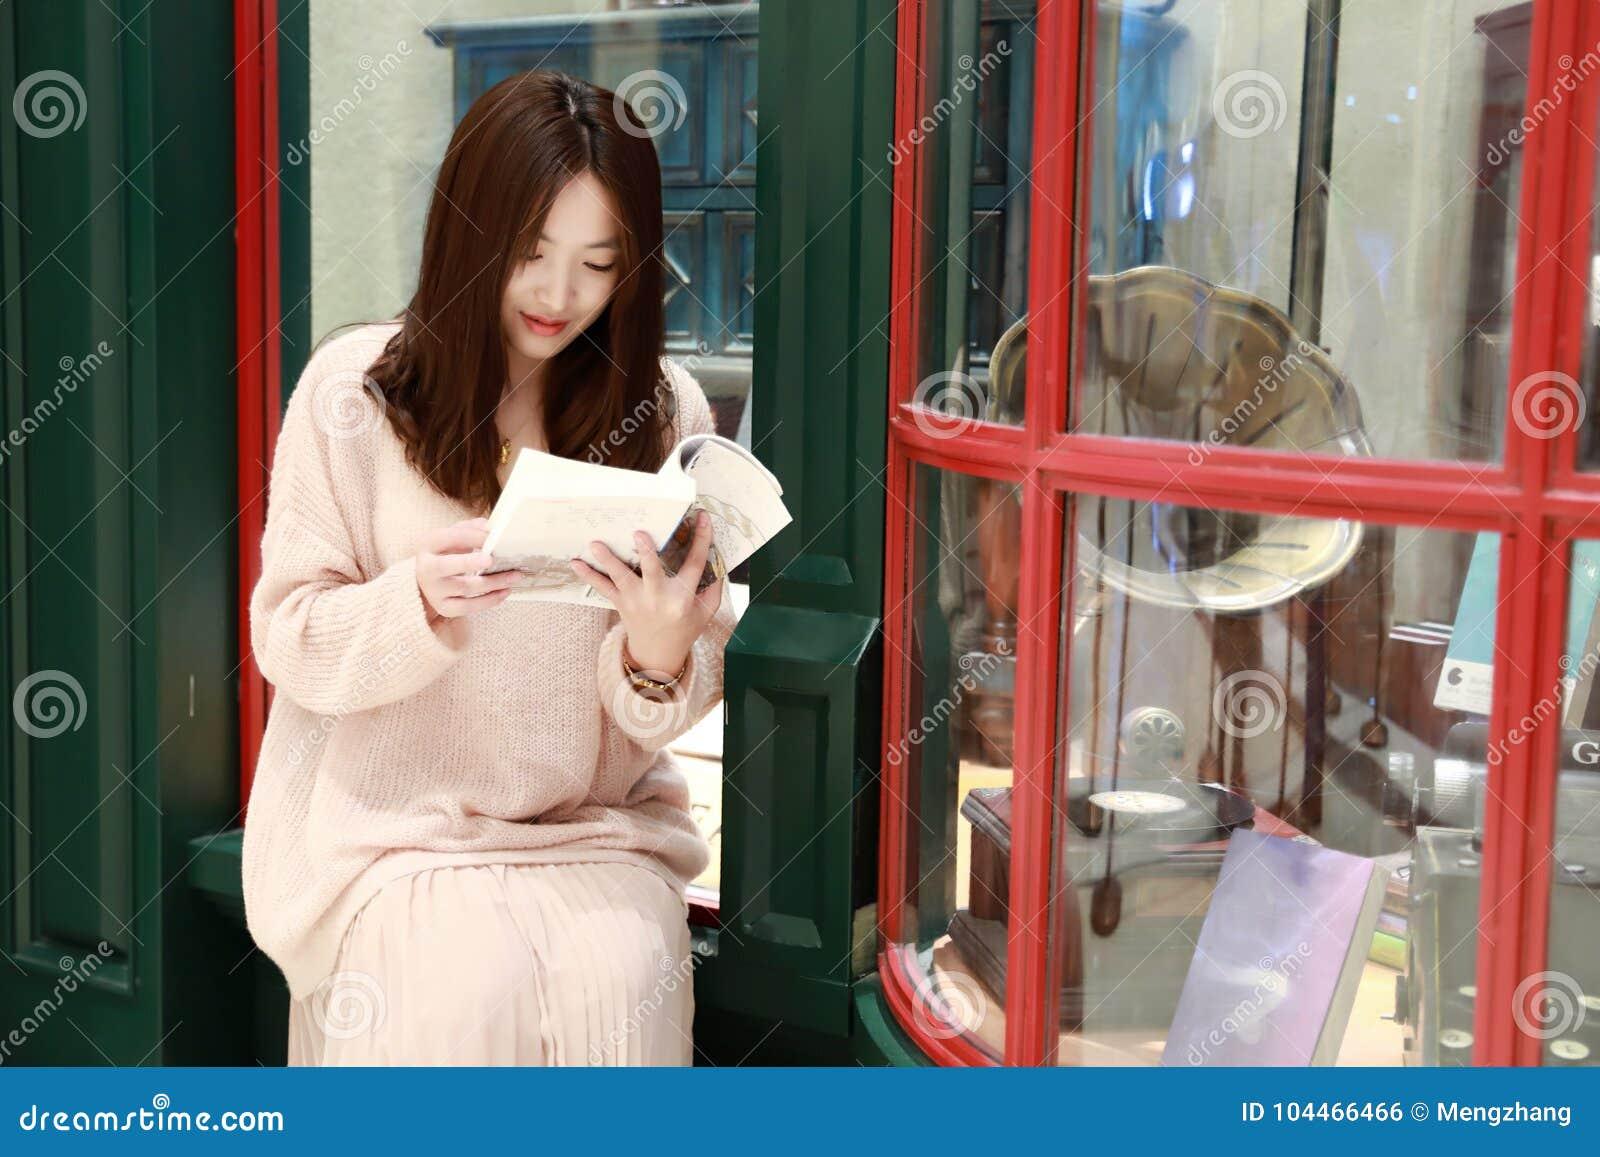 Leitura da mulher no mercado brilhantemente iluminado